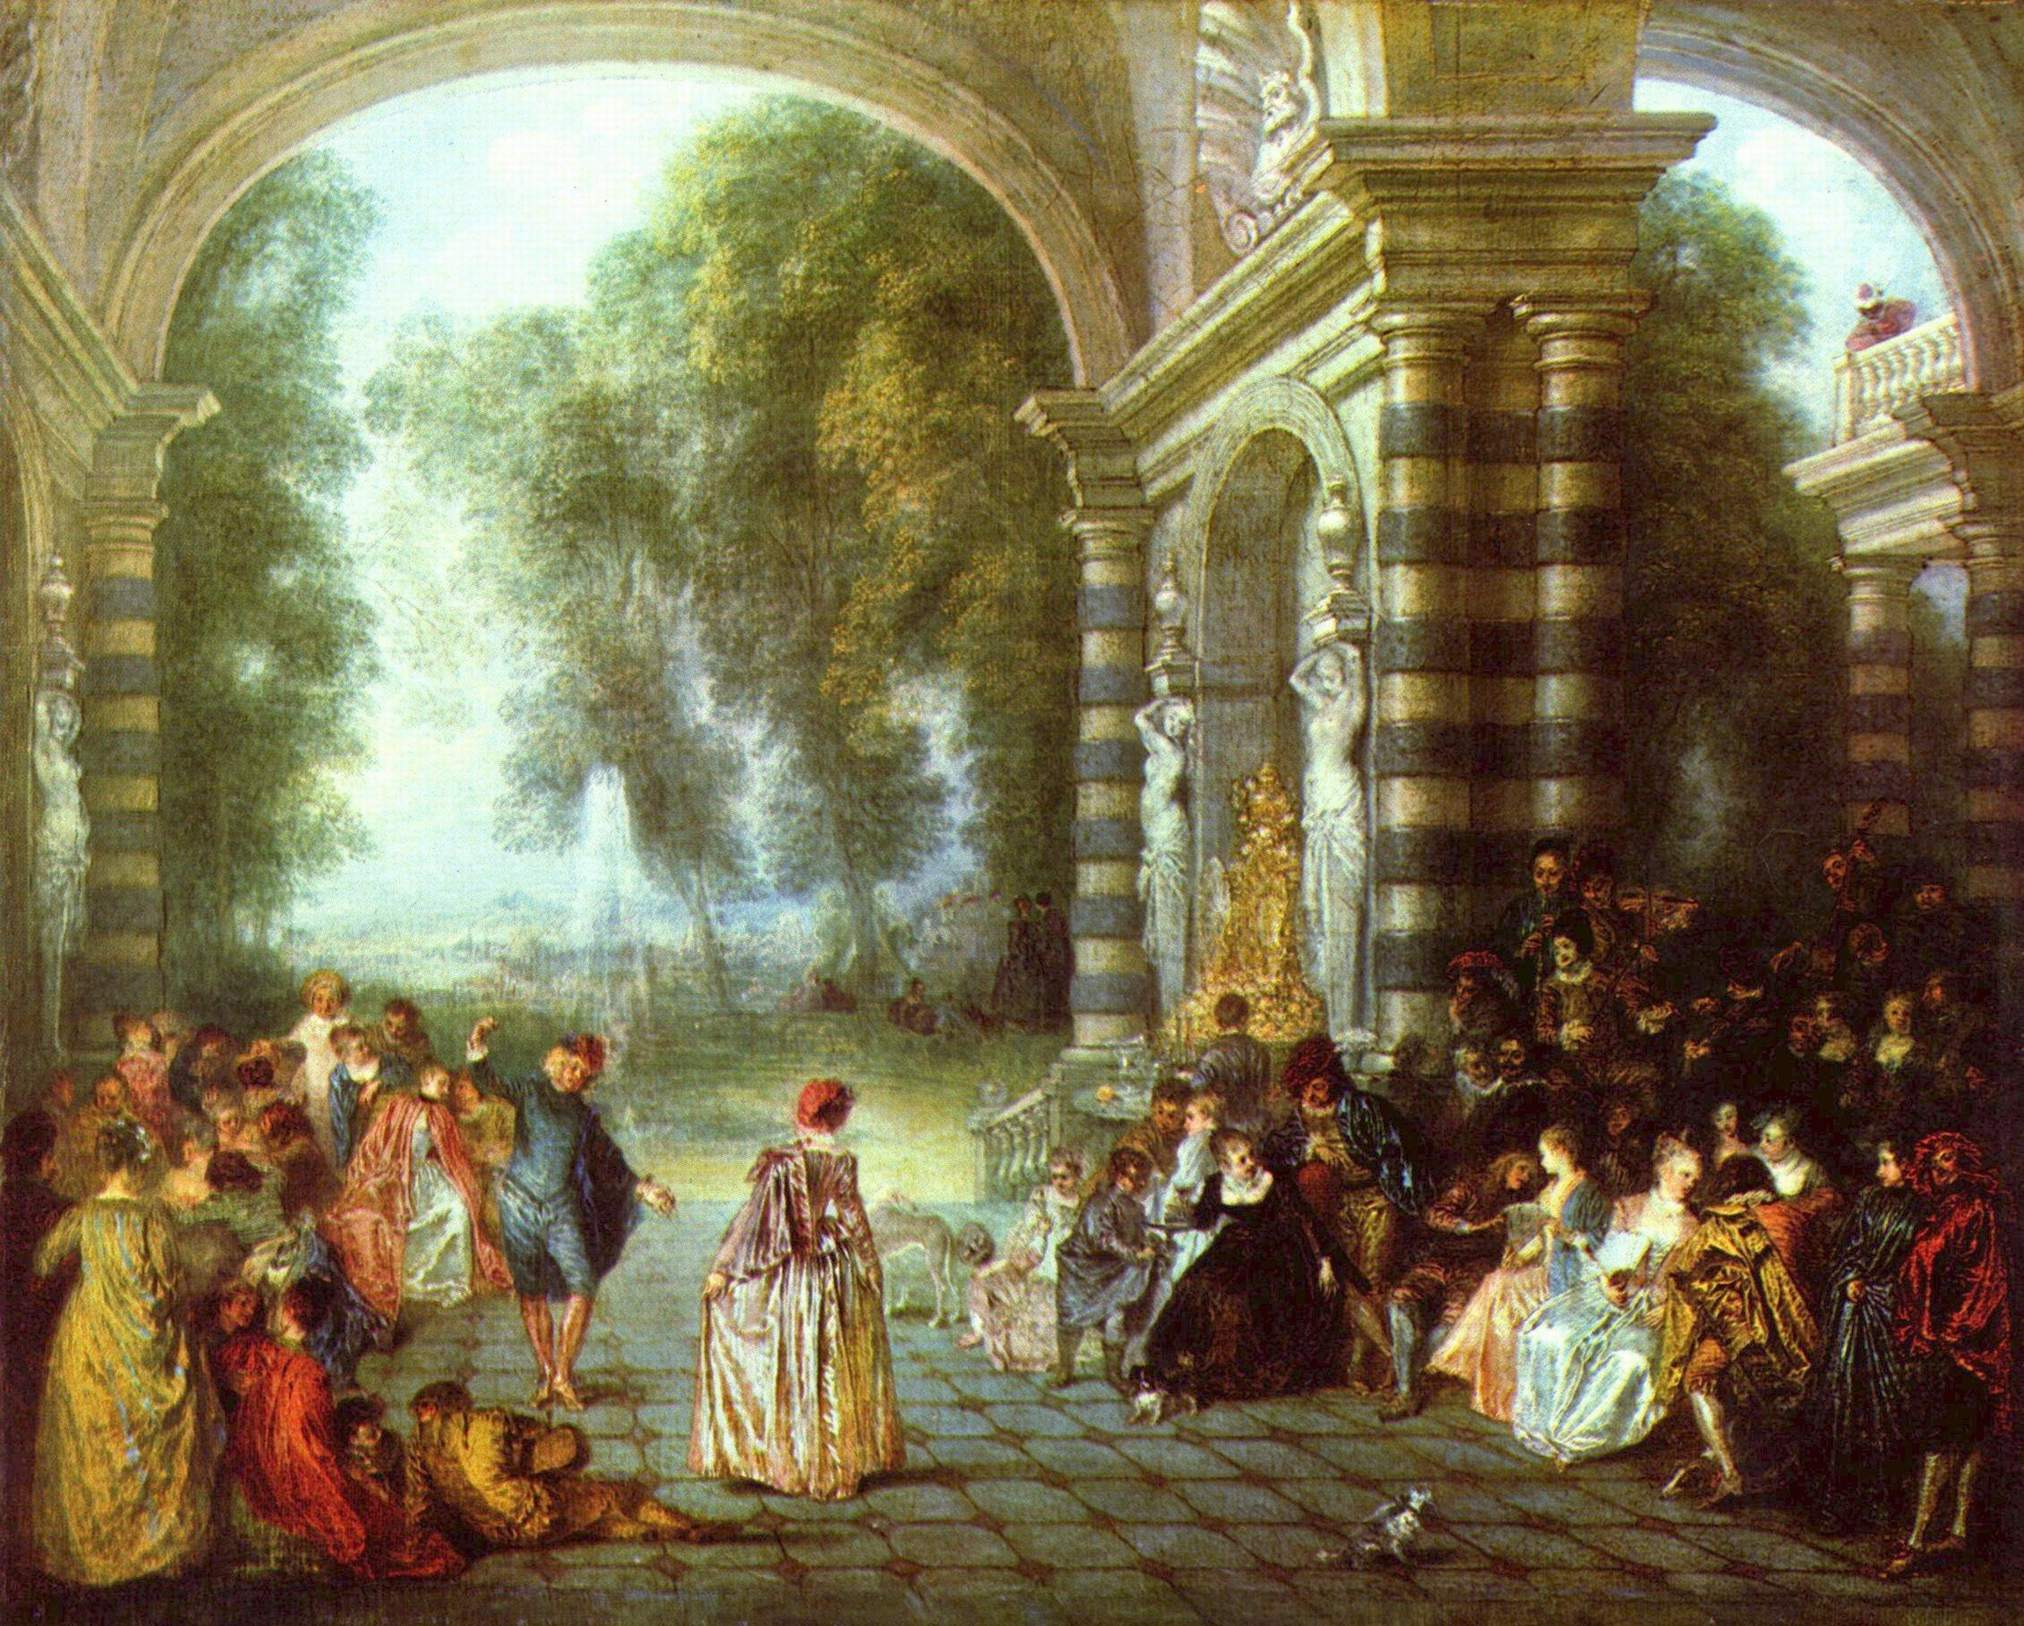 Rococo Art Watteau Jean-antoine watteau